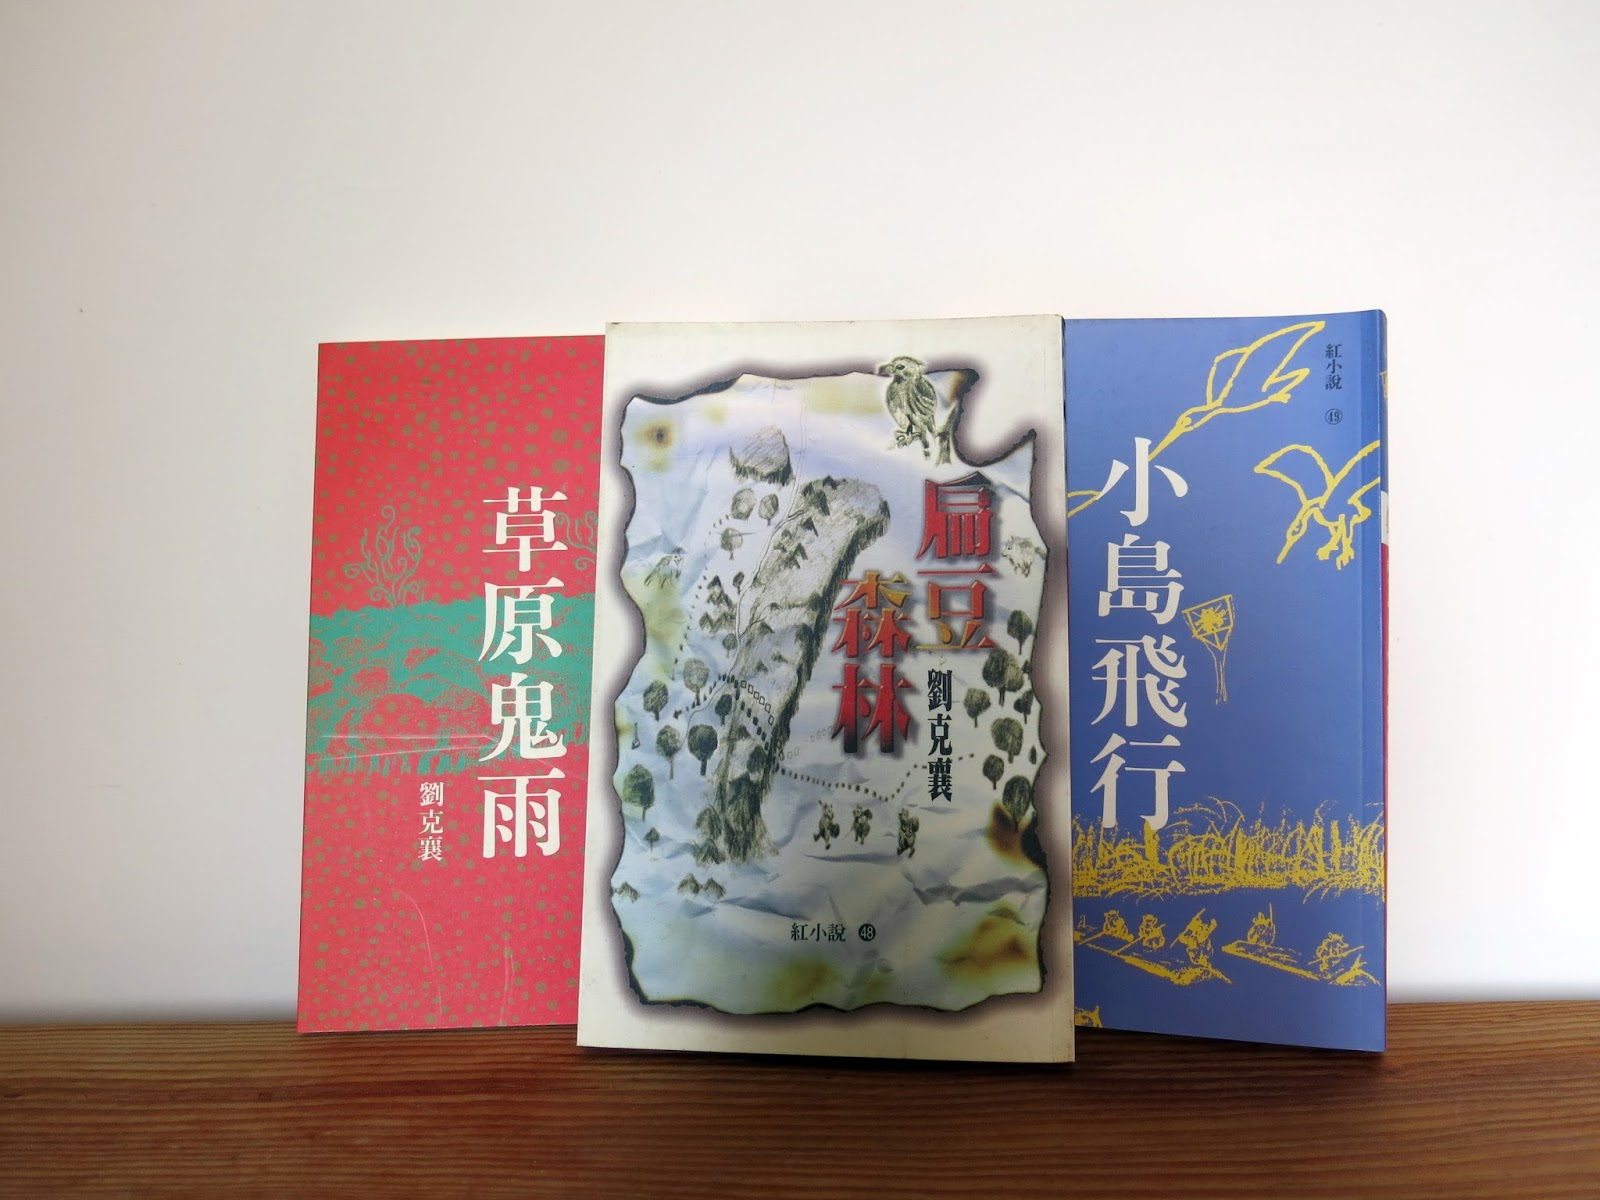 奇幻小說豆鼠三部曲:《扁豆森林》、《小島飛行》、《草原鬼雨》出版